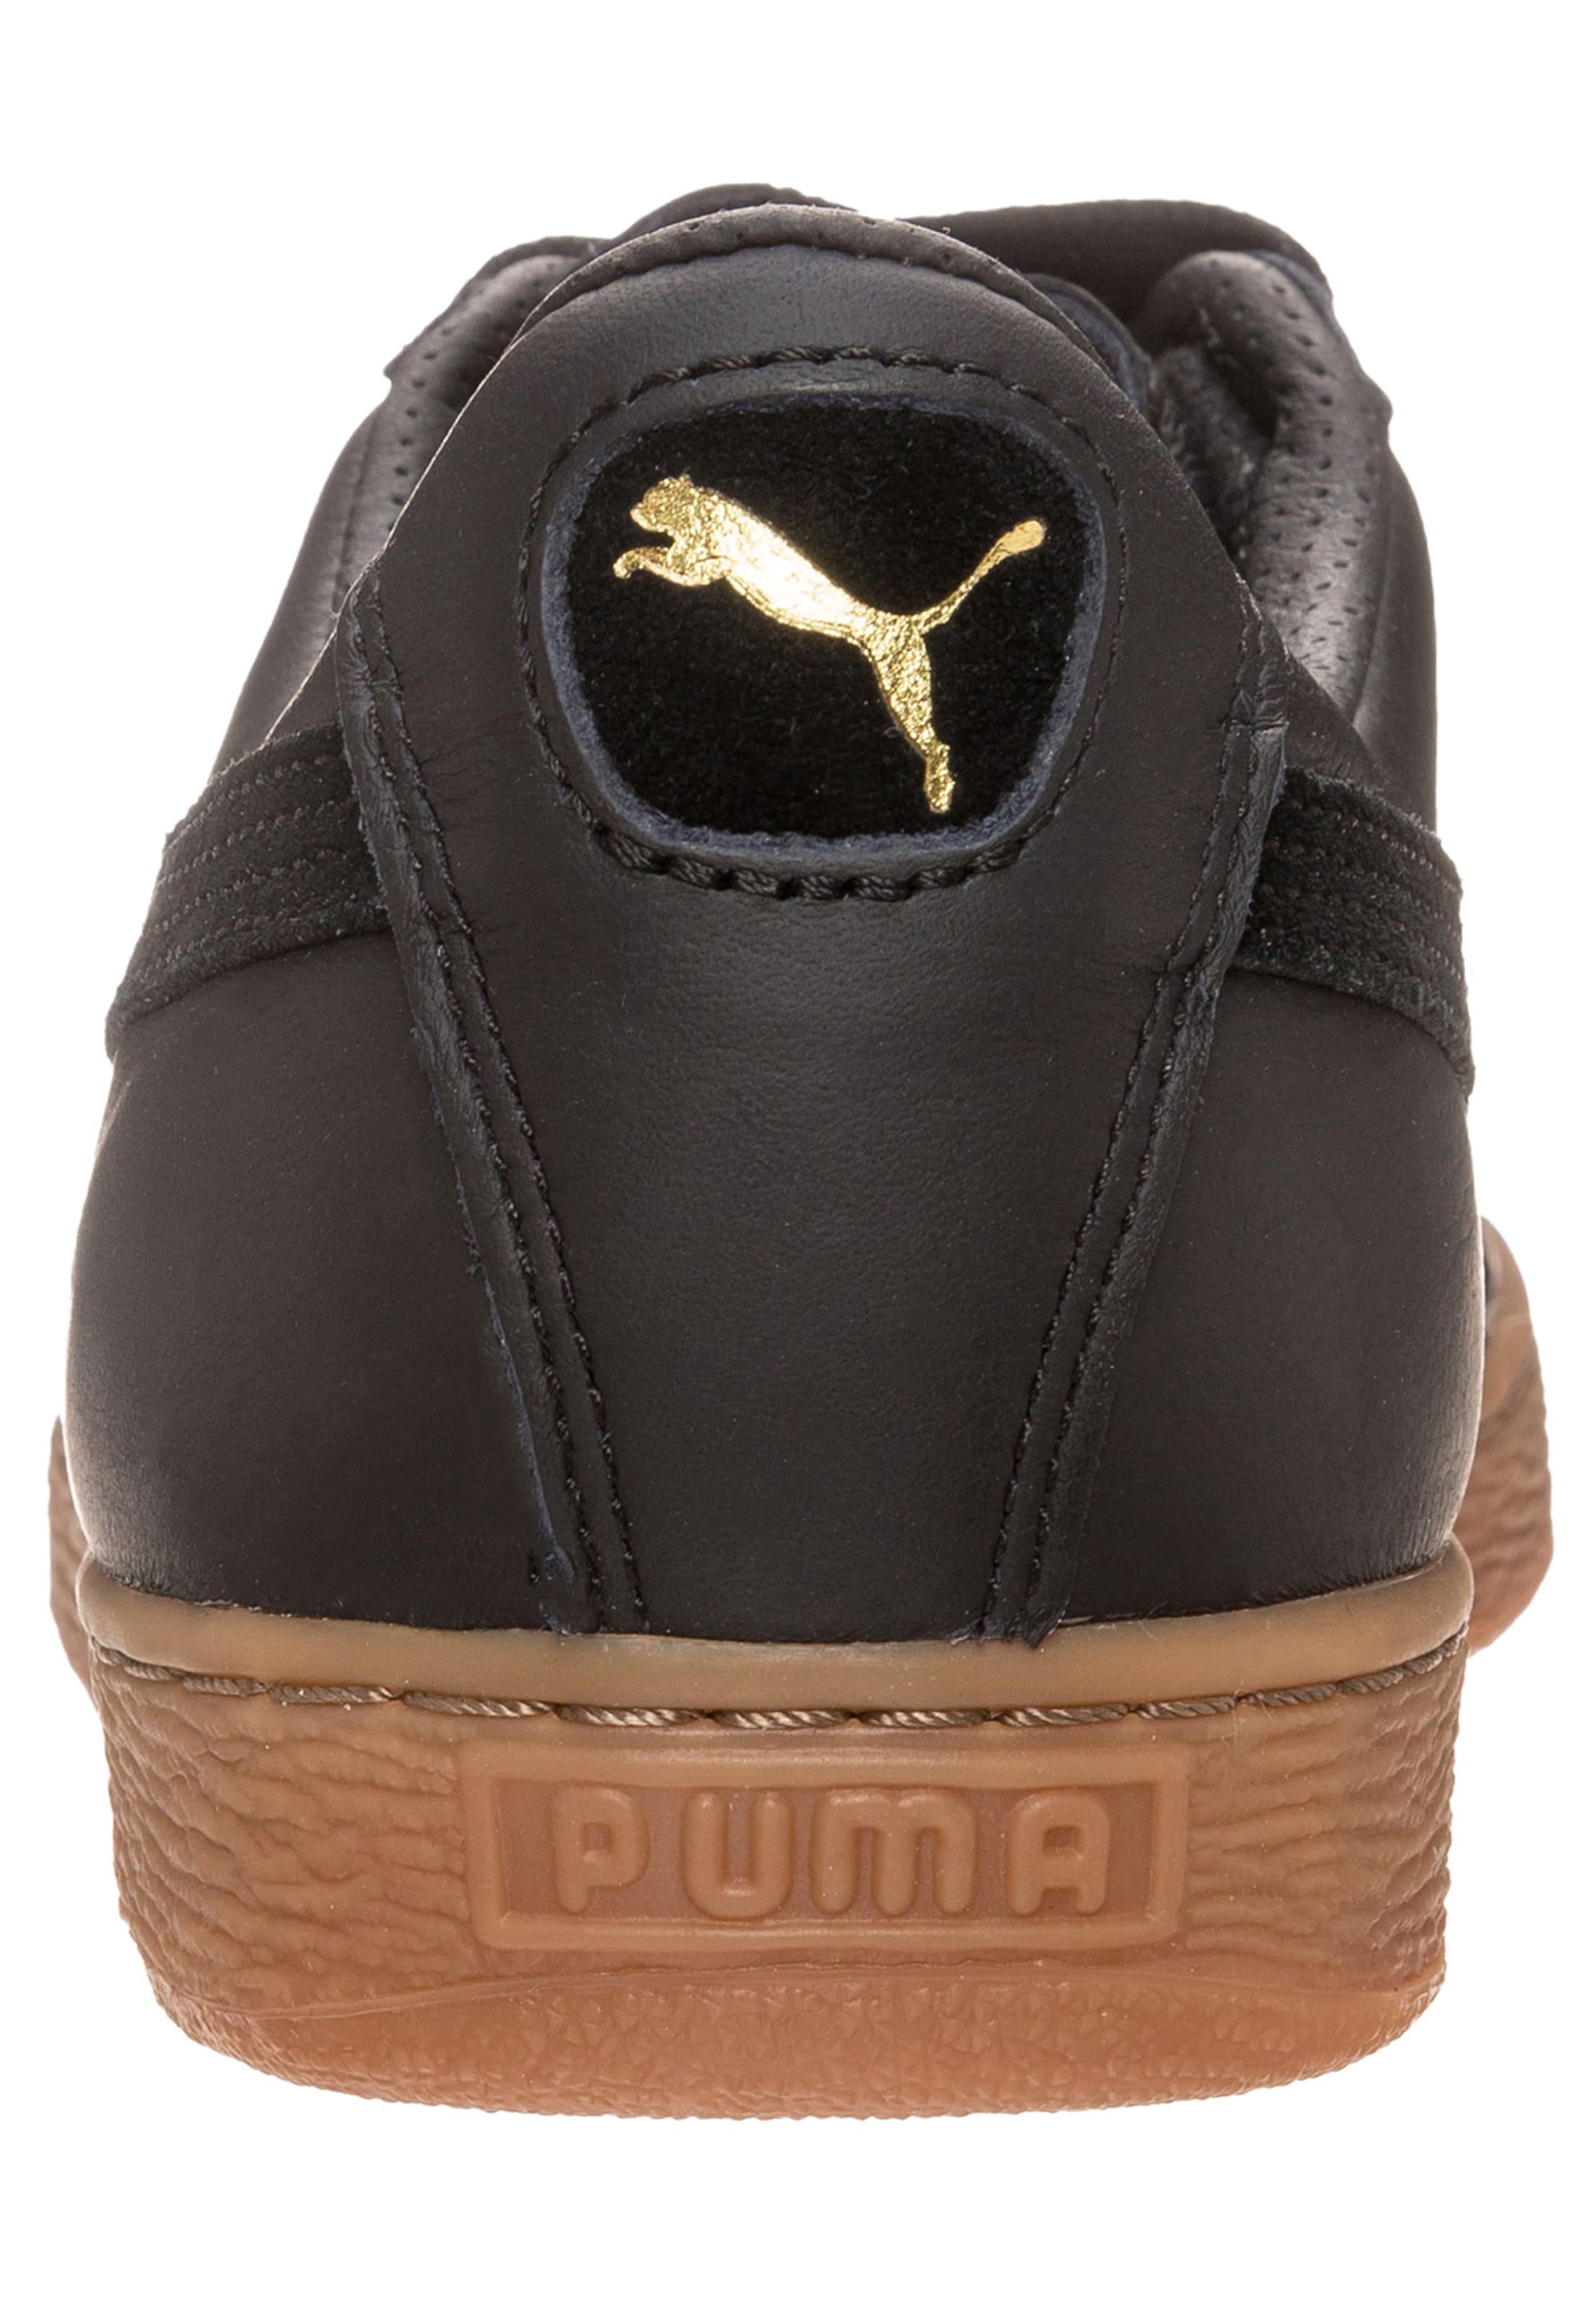 Deluxe' En 'basket Puma Baskets Noir Classic Basses Gum uiTOkPXZ